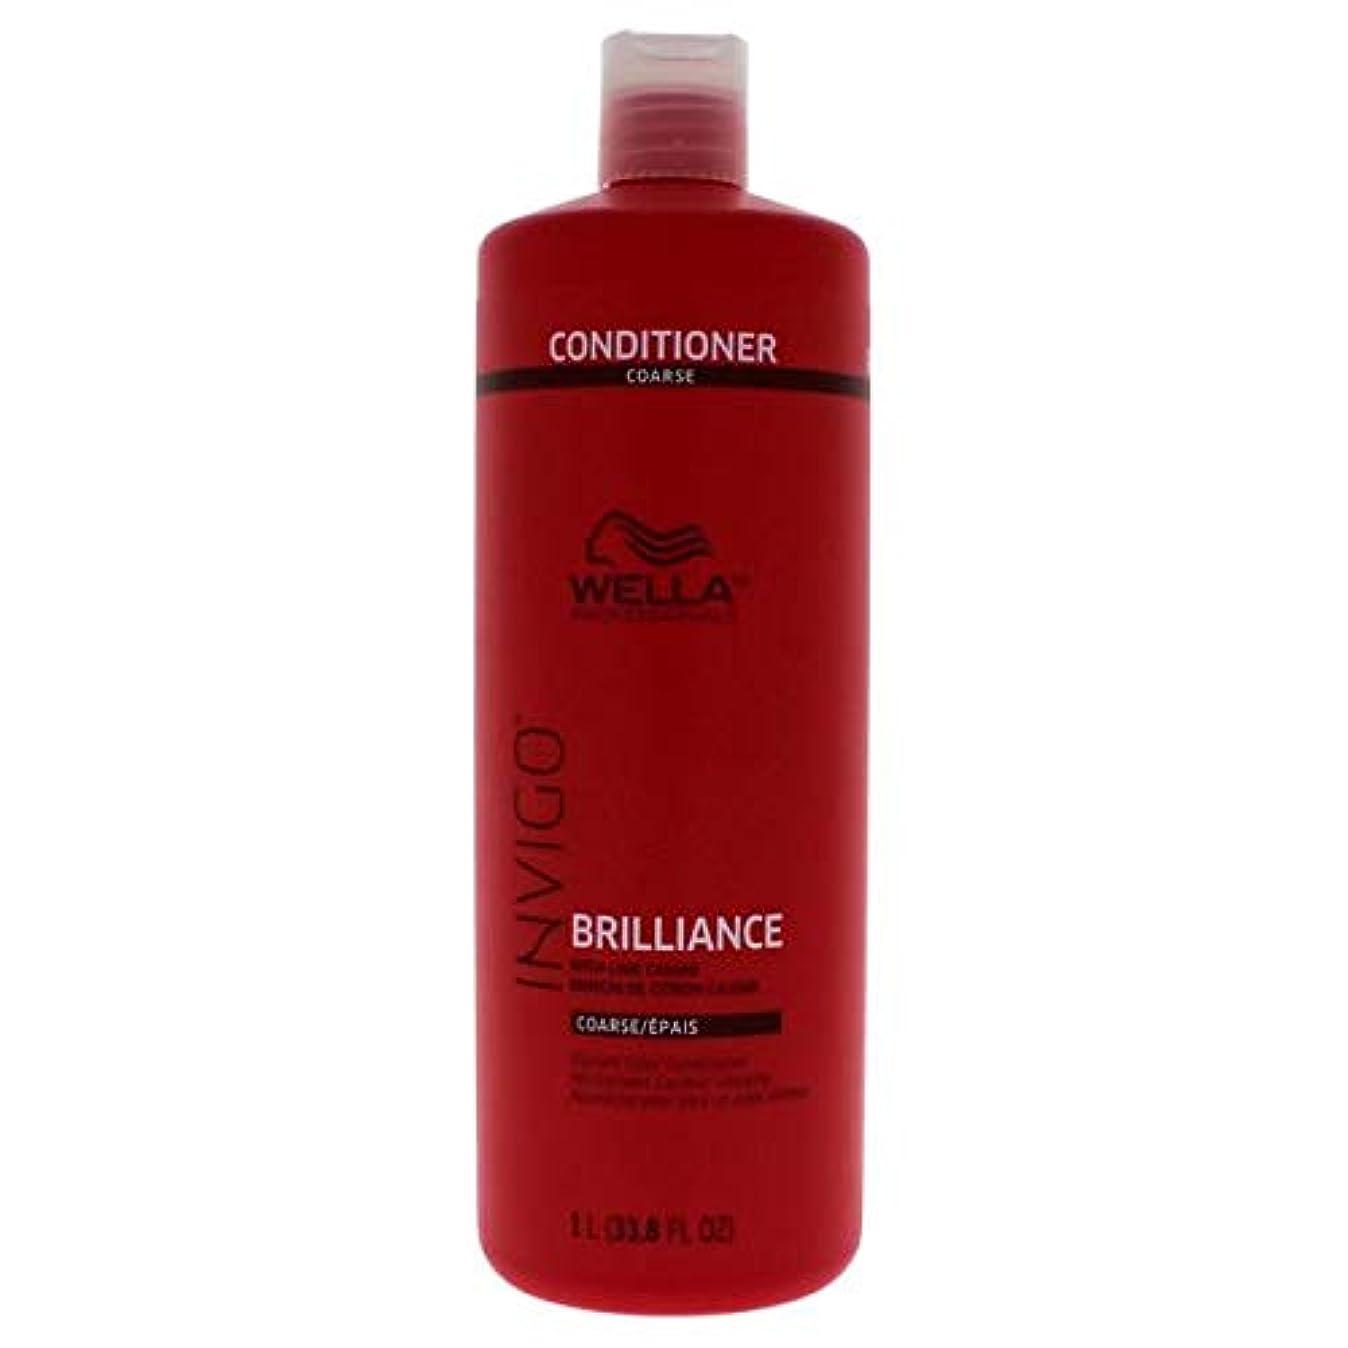 味方ラウンジ枯れるWella INVIGO Brilliance Conditioner for Course Hair - 33.8oz LITER 141[並行輸入]